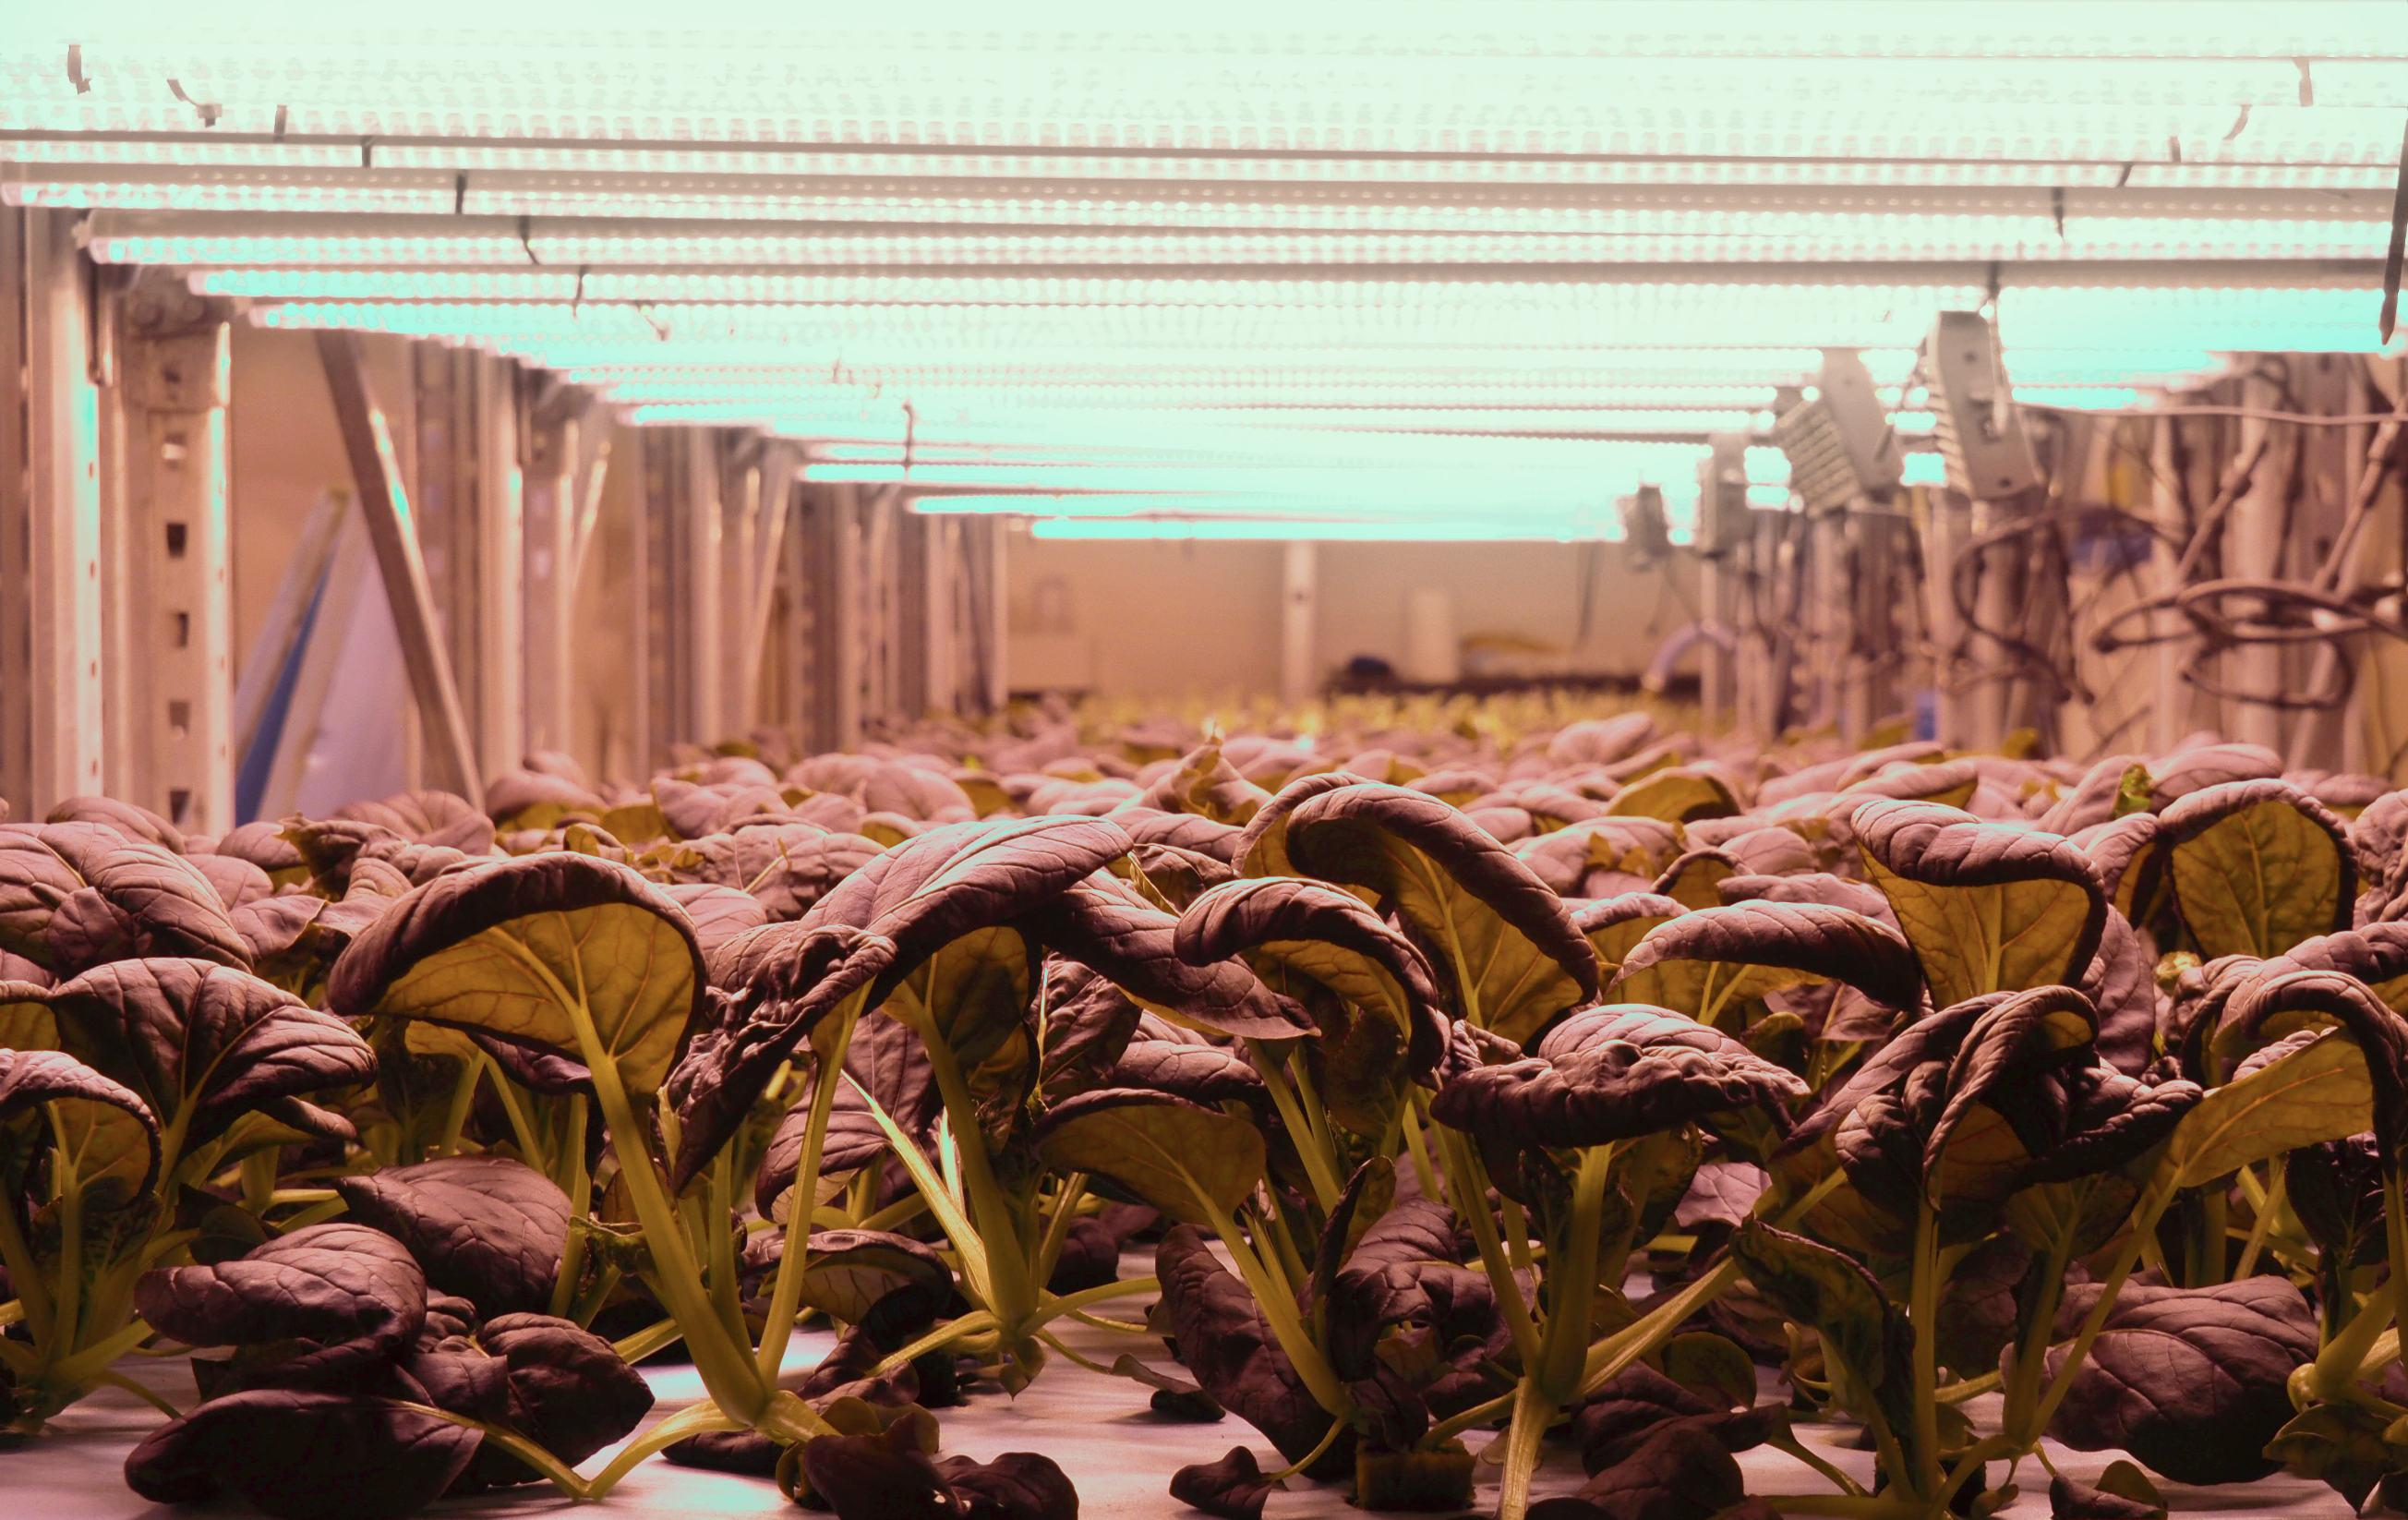 Vertikal odling